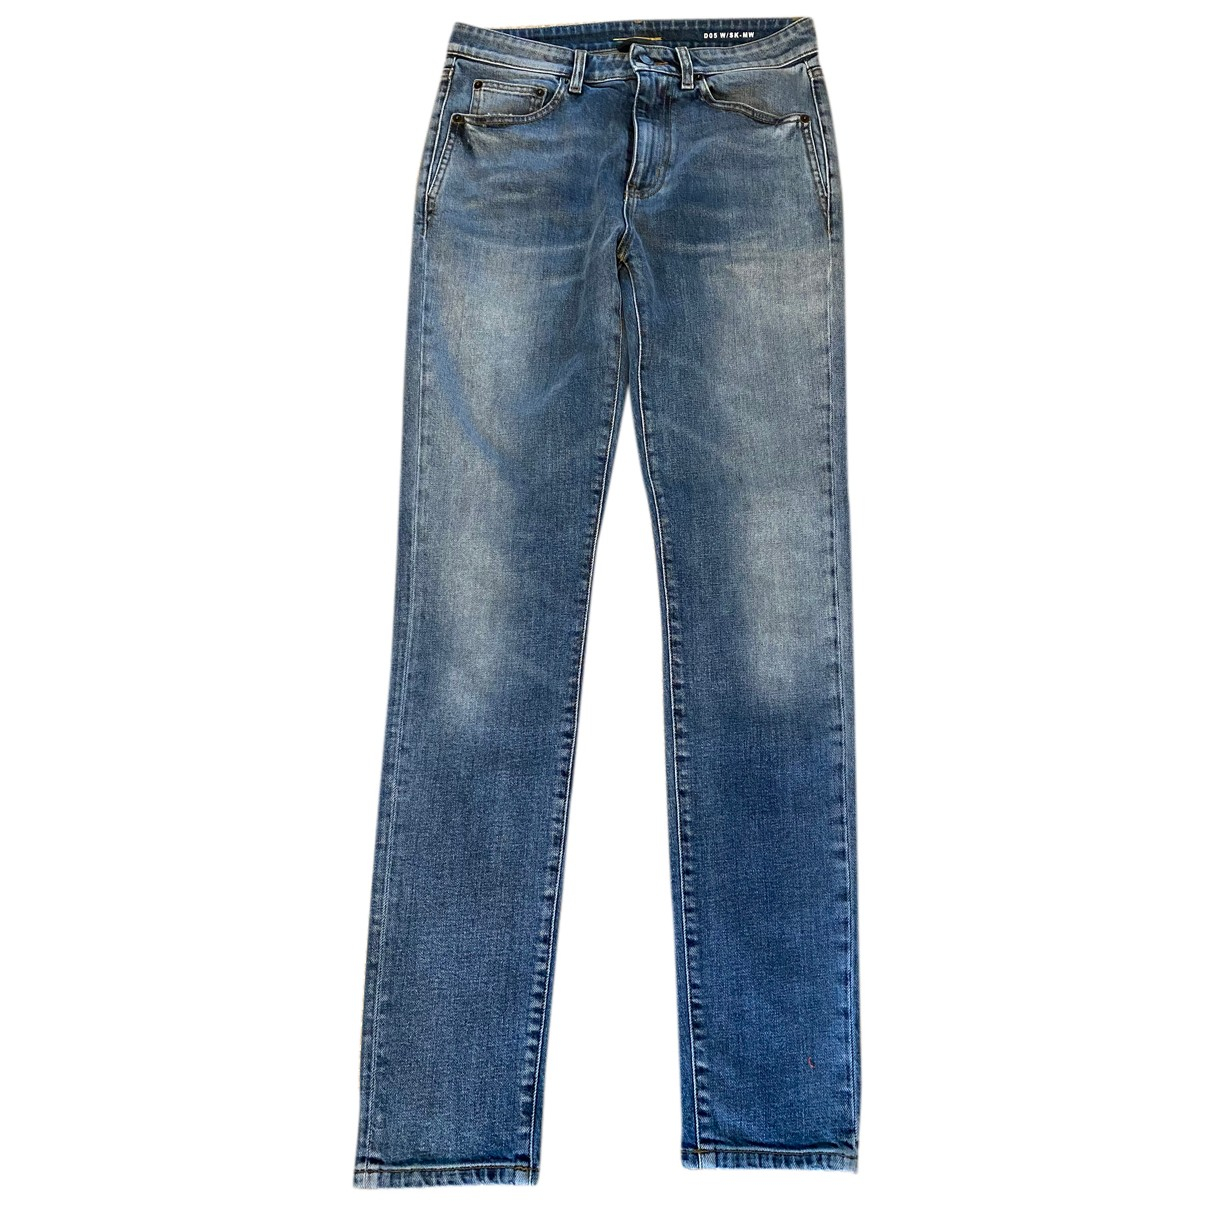 Saint Laurent N Blue Denim - Jeans Jeans for Women 29 US